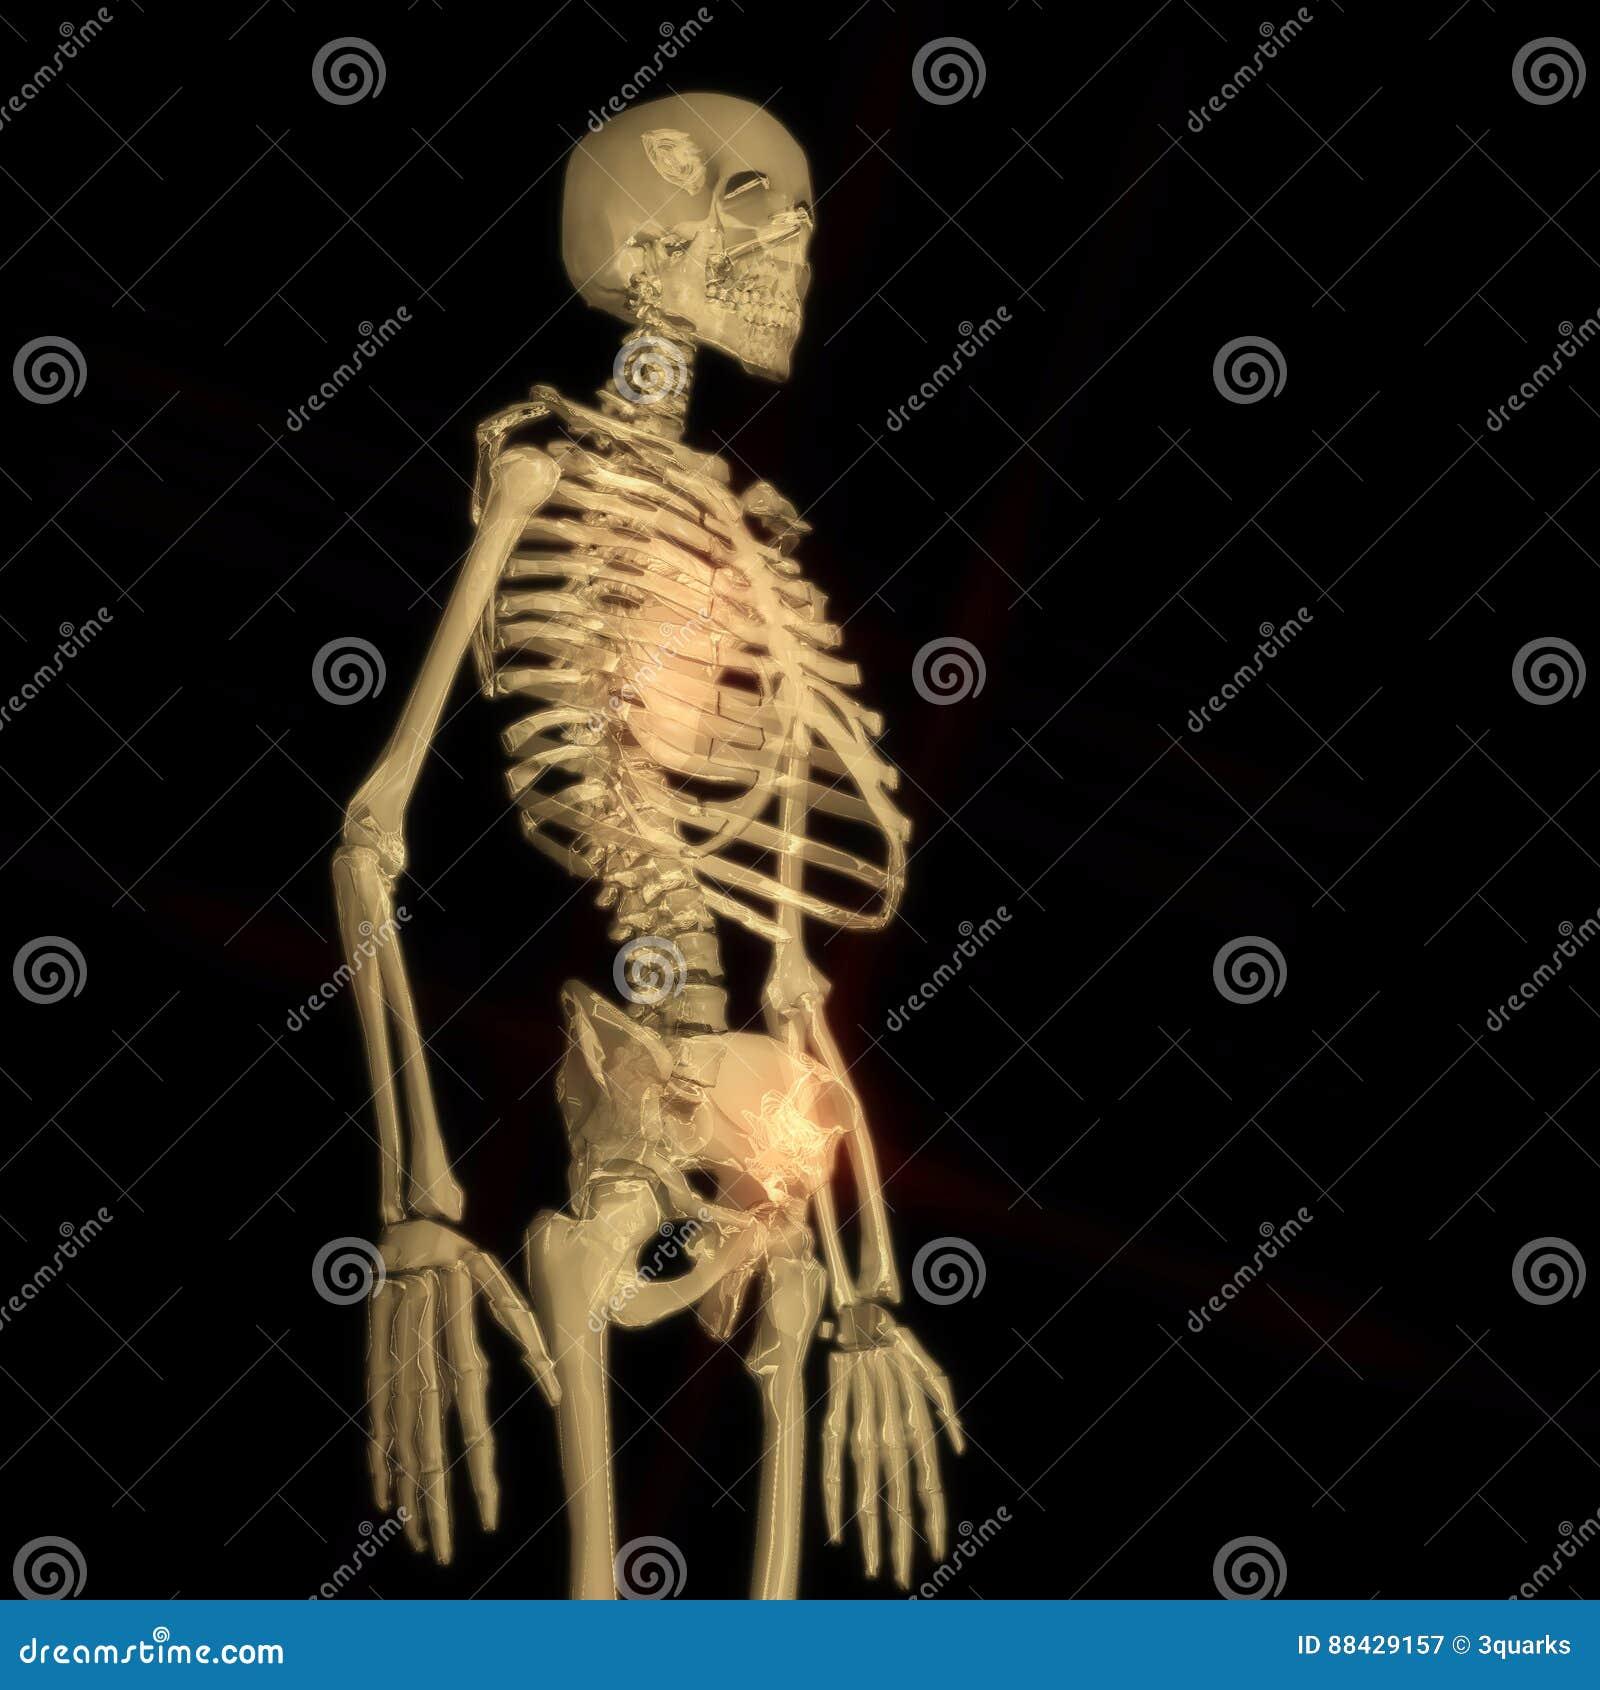 Digital Rendering of a human Skeleton